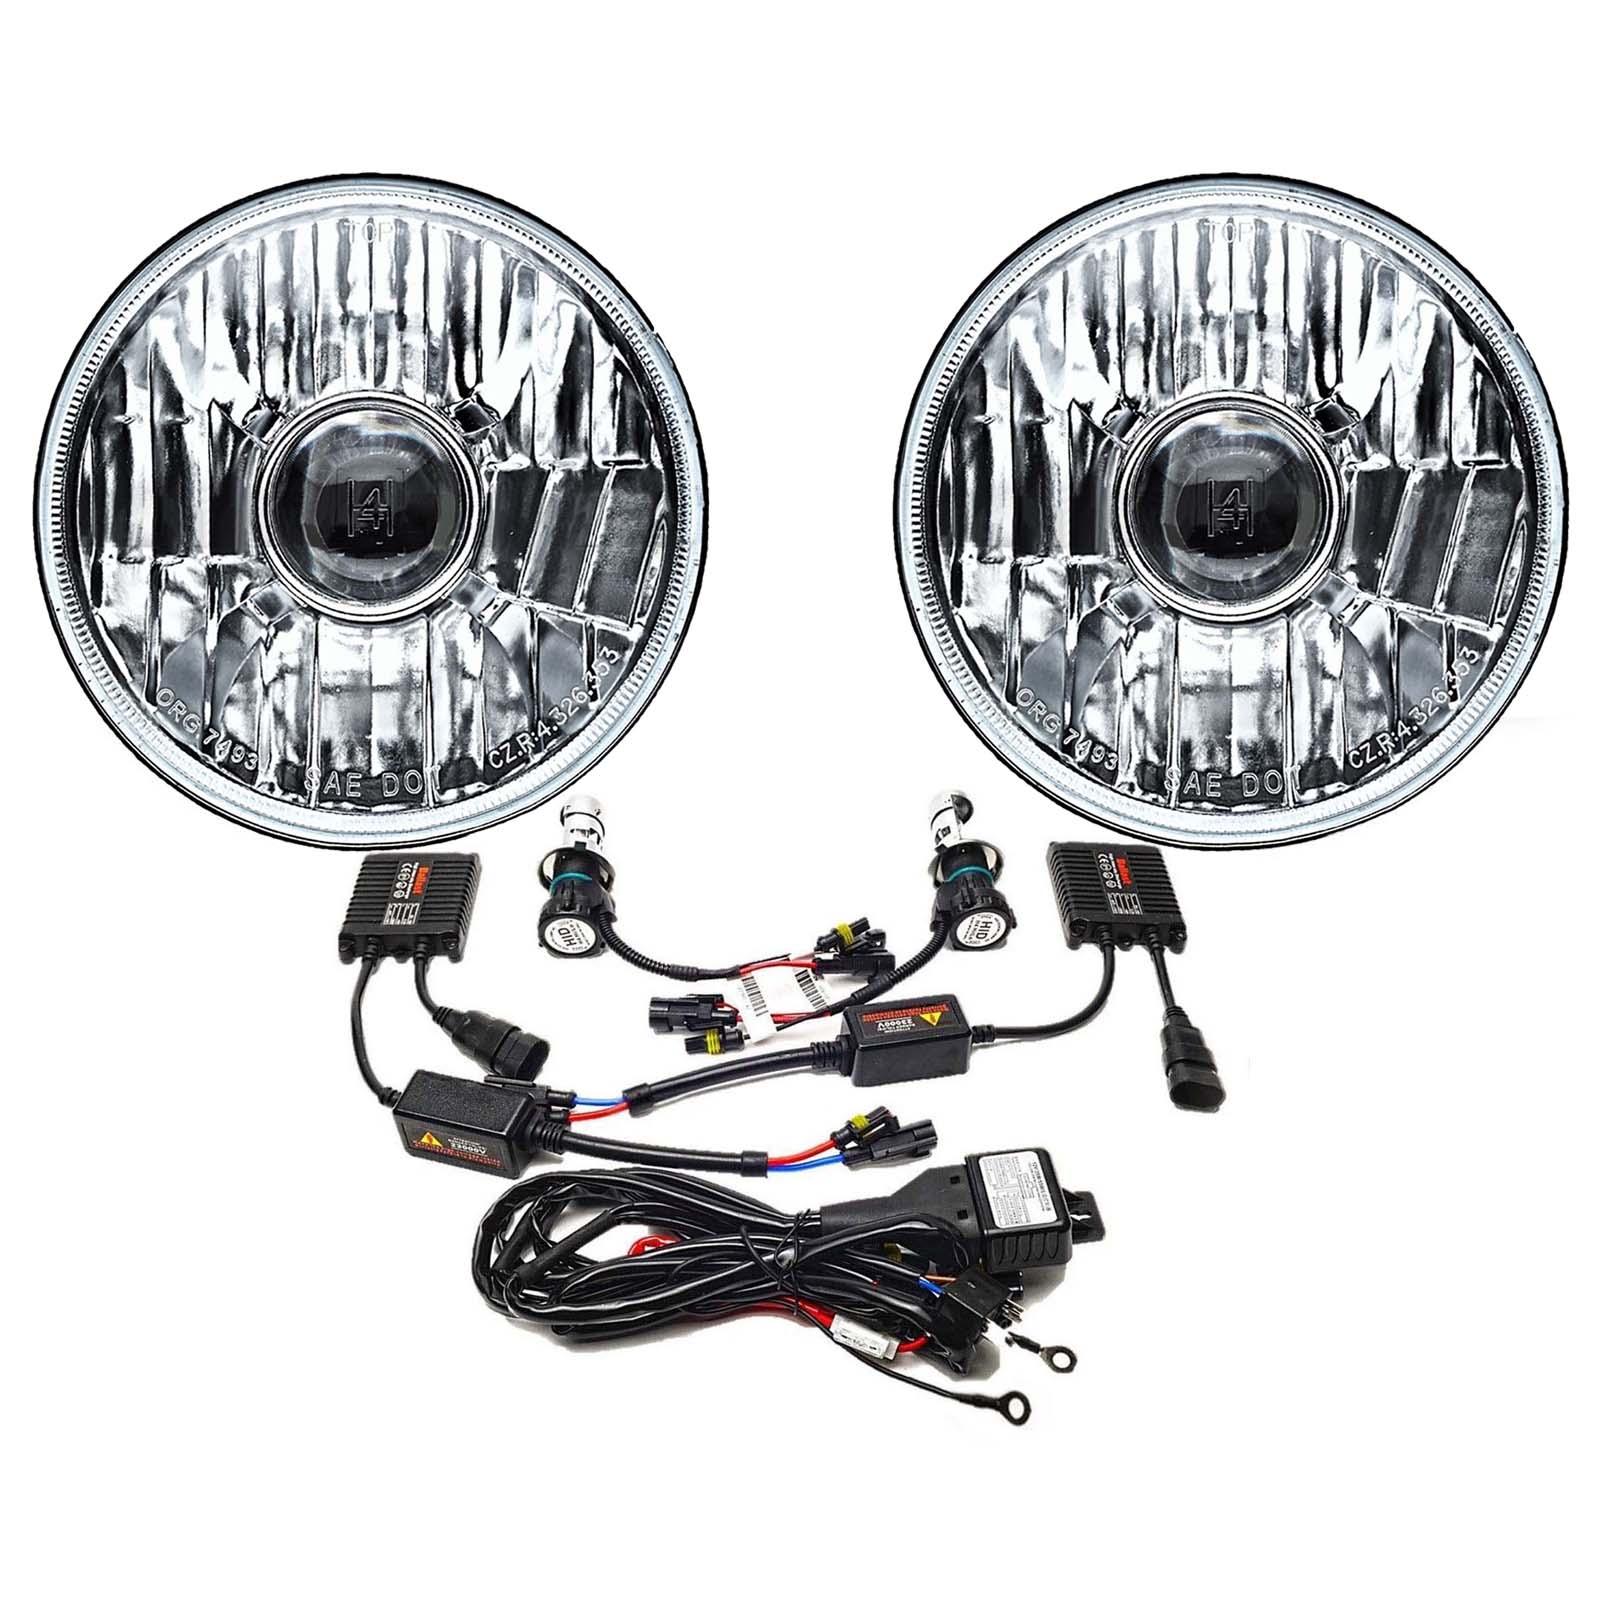 5-3/4 Projector Crystal Clear Glass Headlight Headlamp